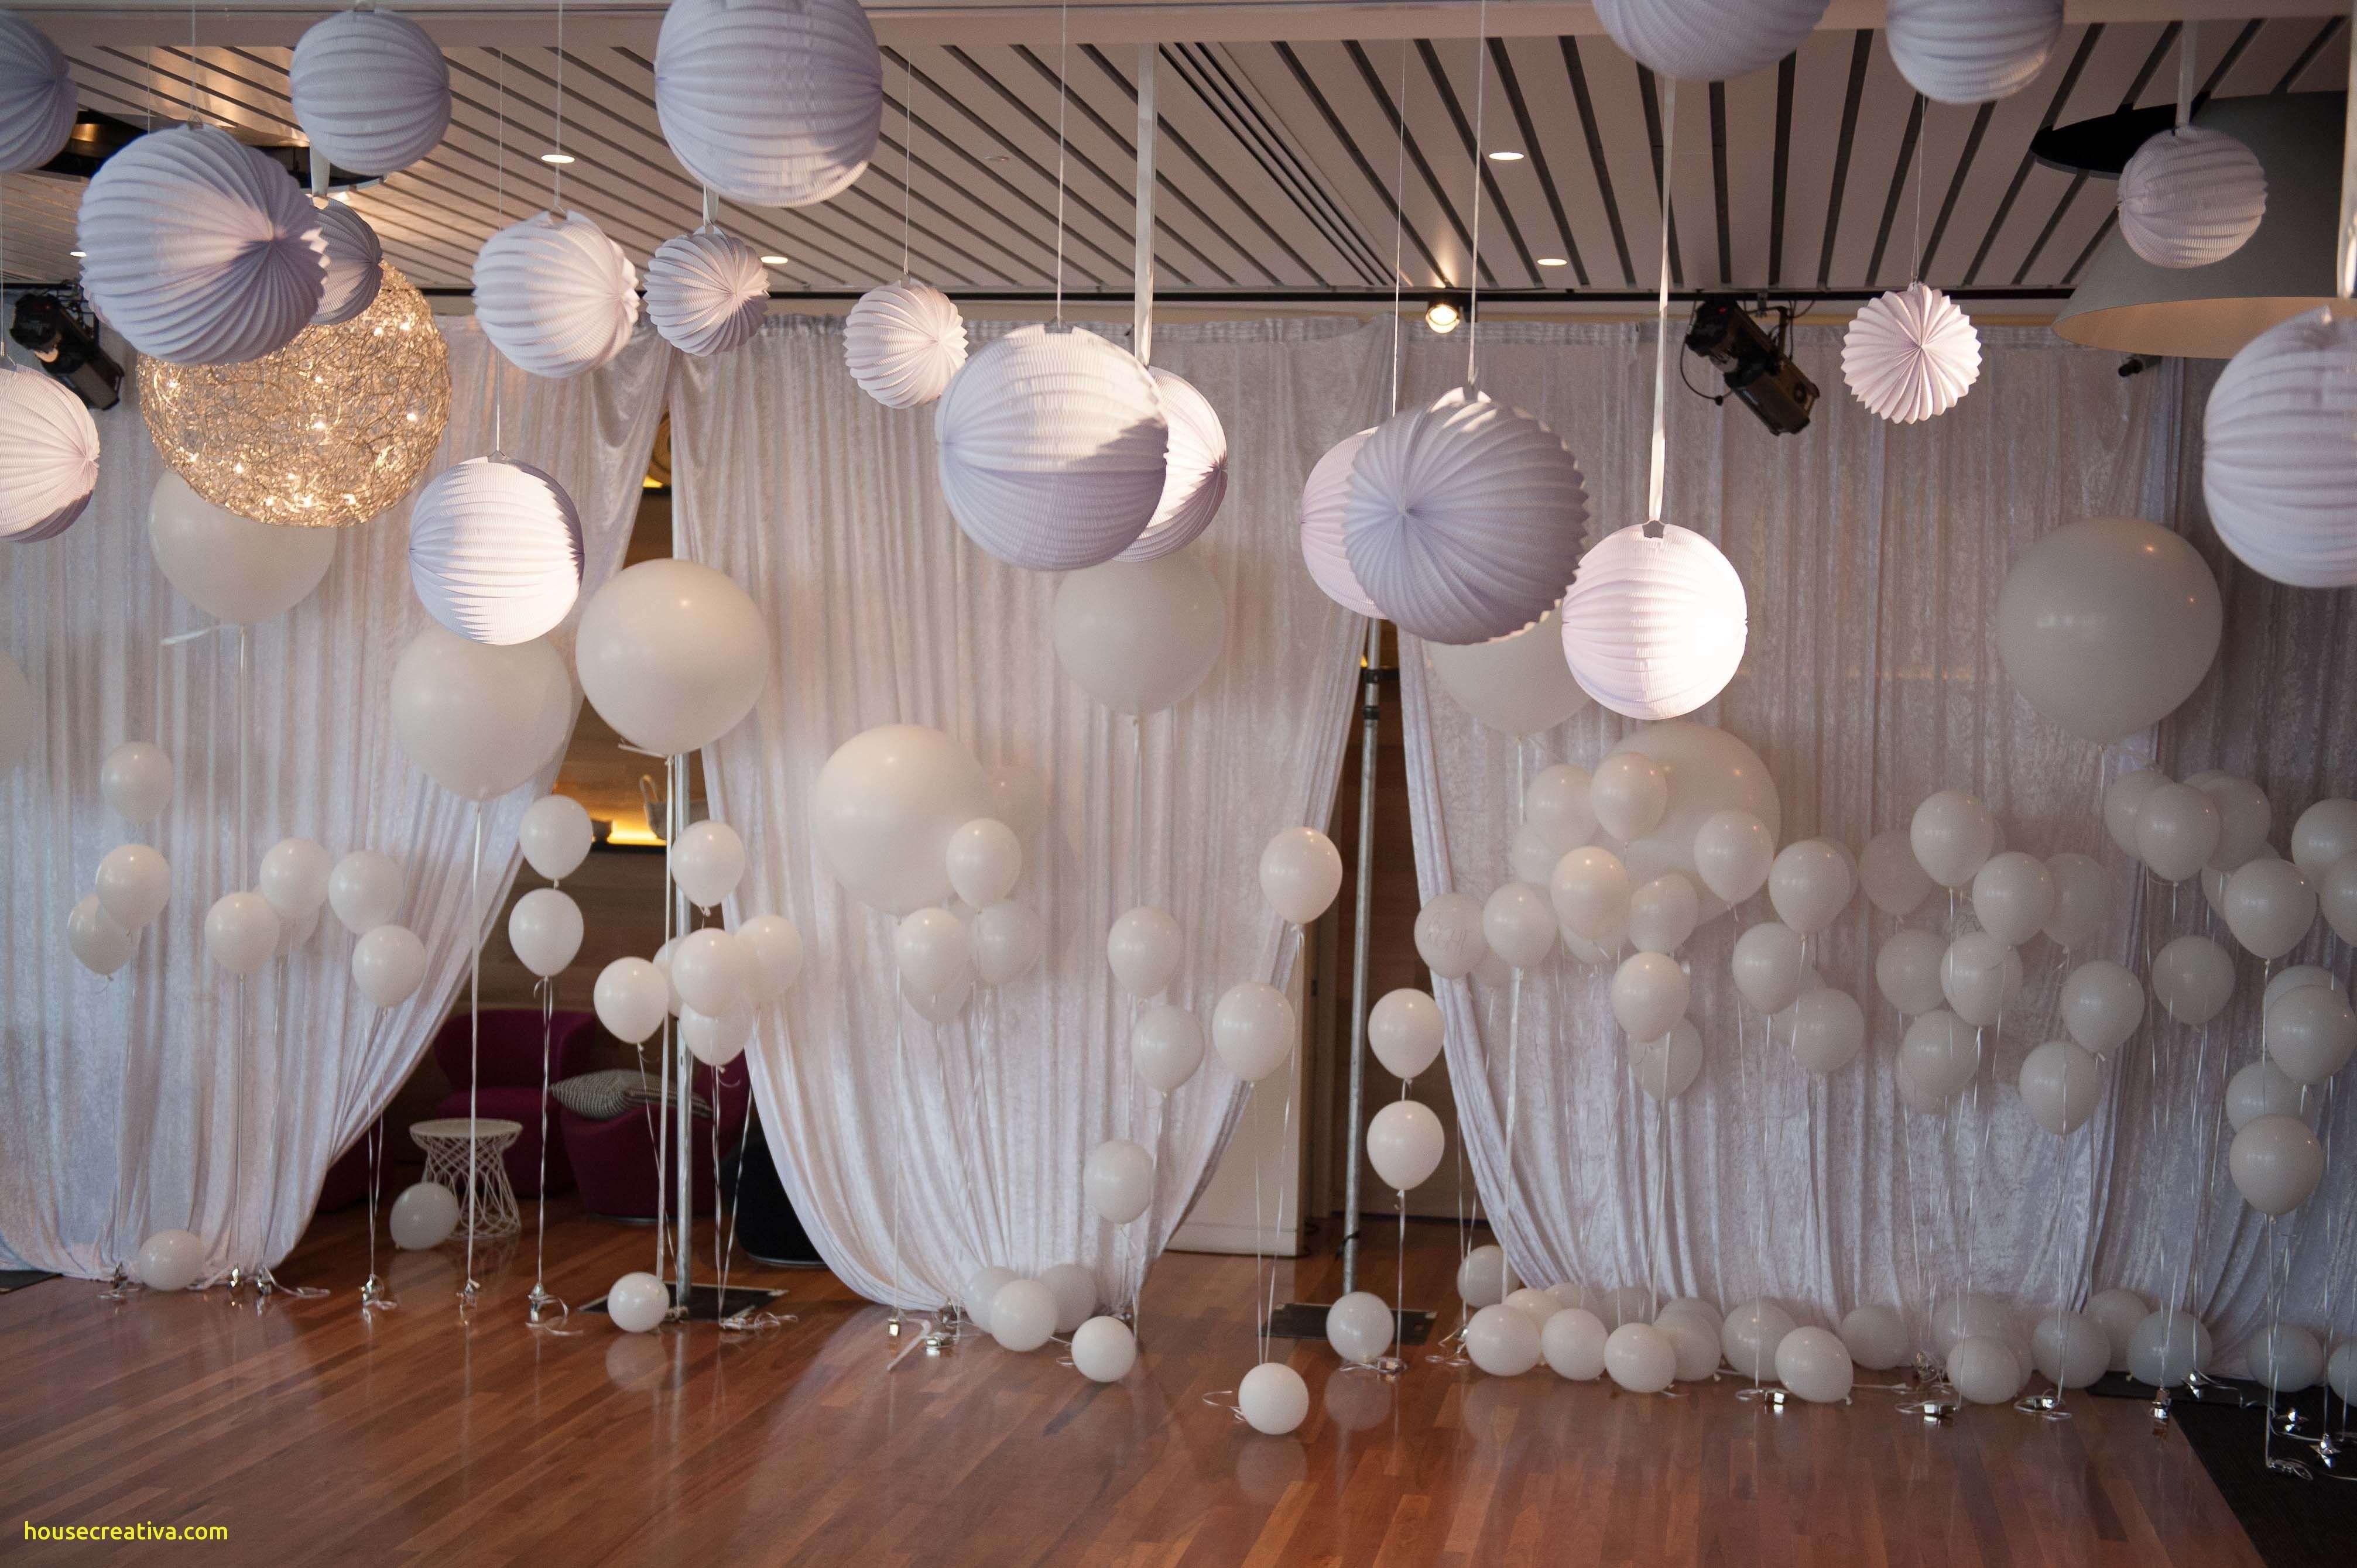 Unique Reception Party Decoration Ideas Homedecoration